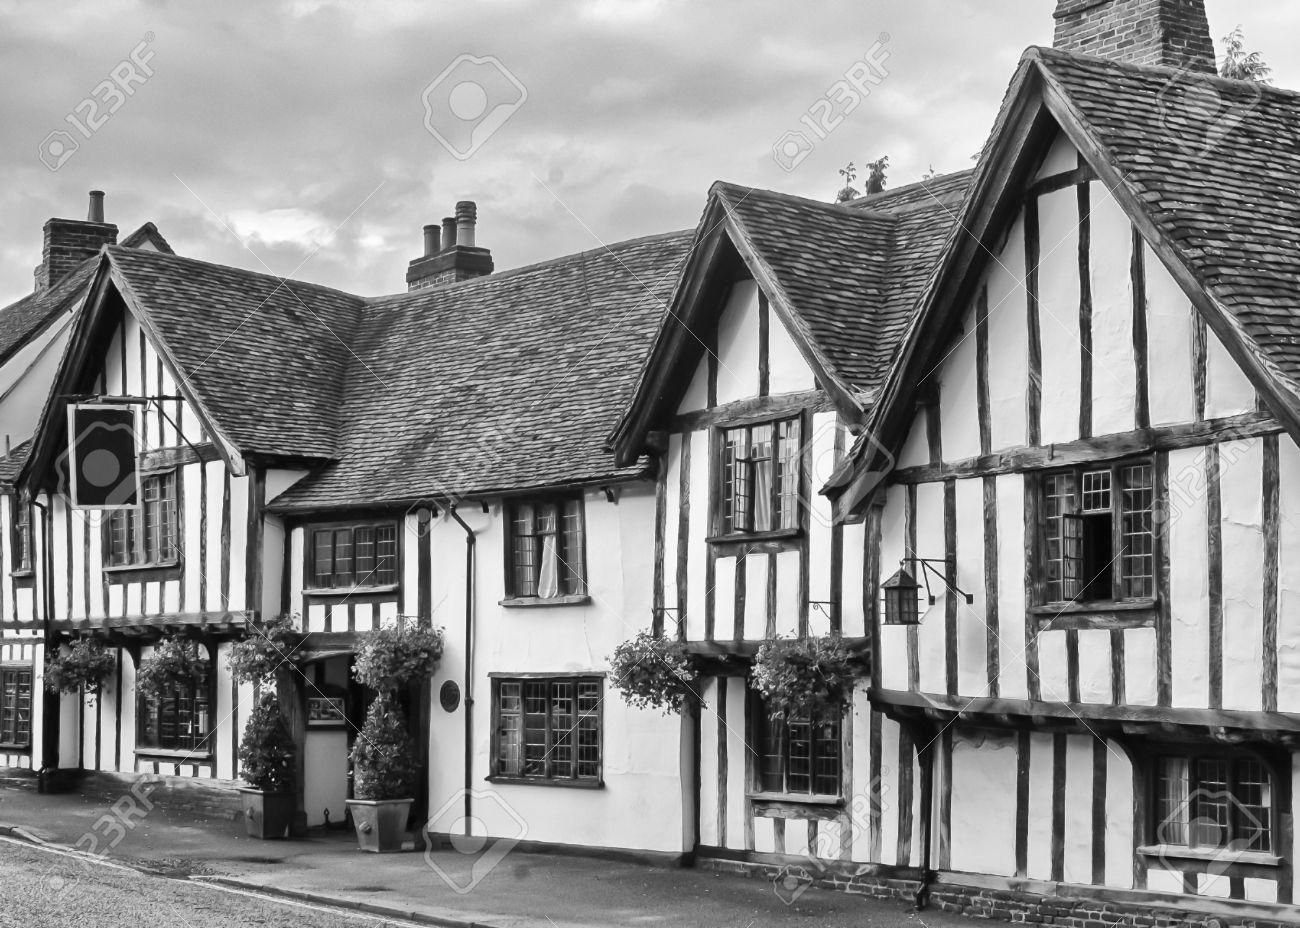 Antiguo Medieval Inglés Inn O Pub, Con Entramado De Madera Casas De ...